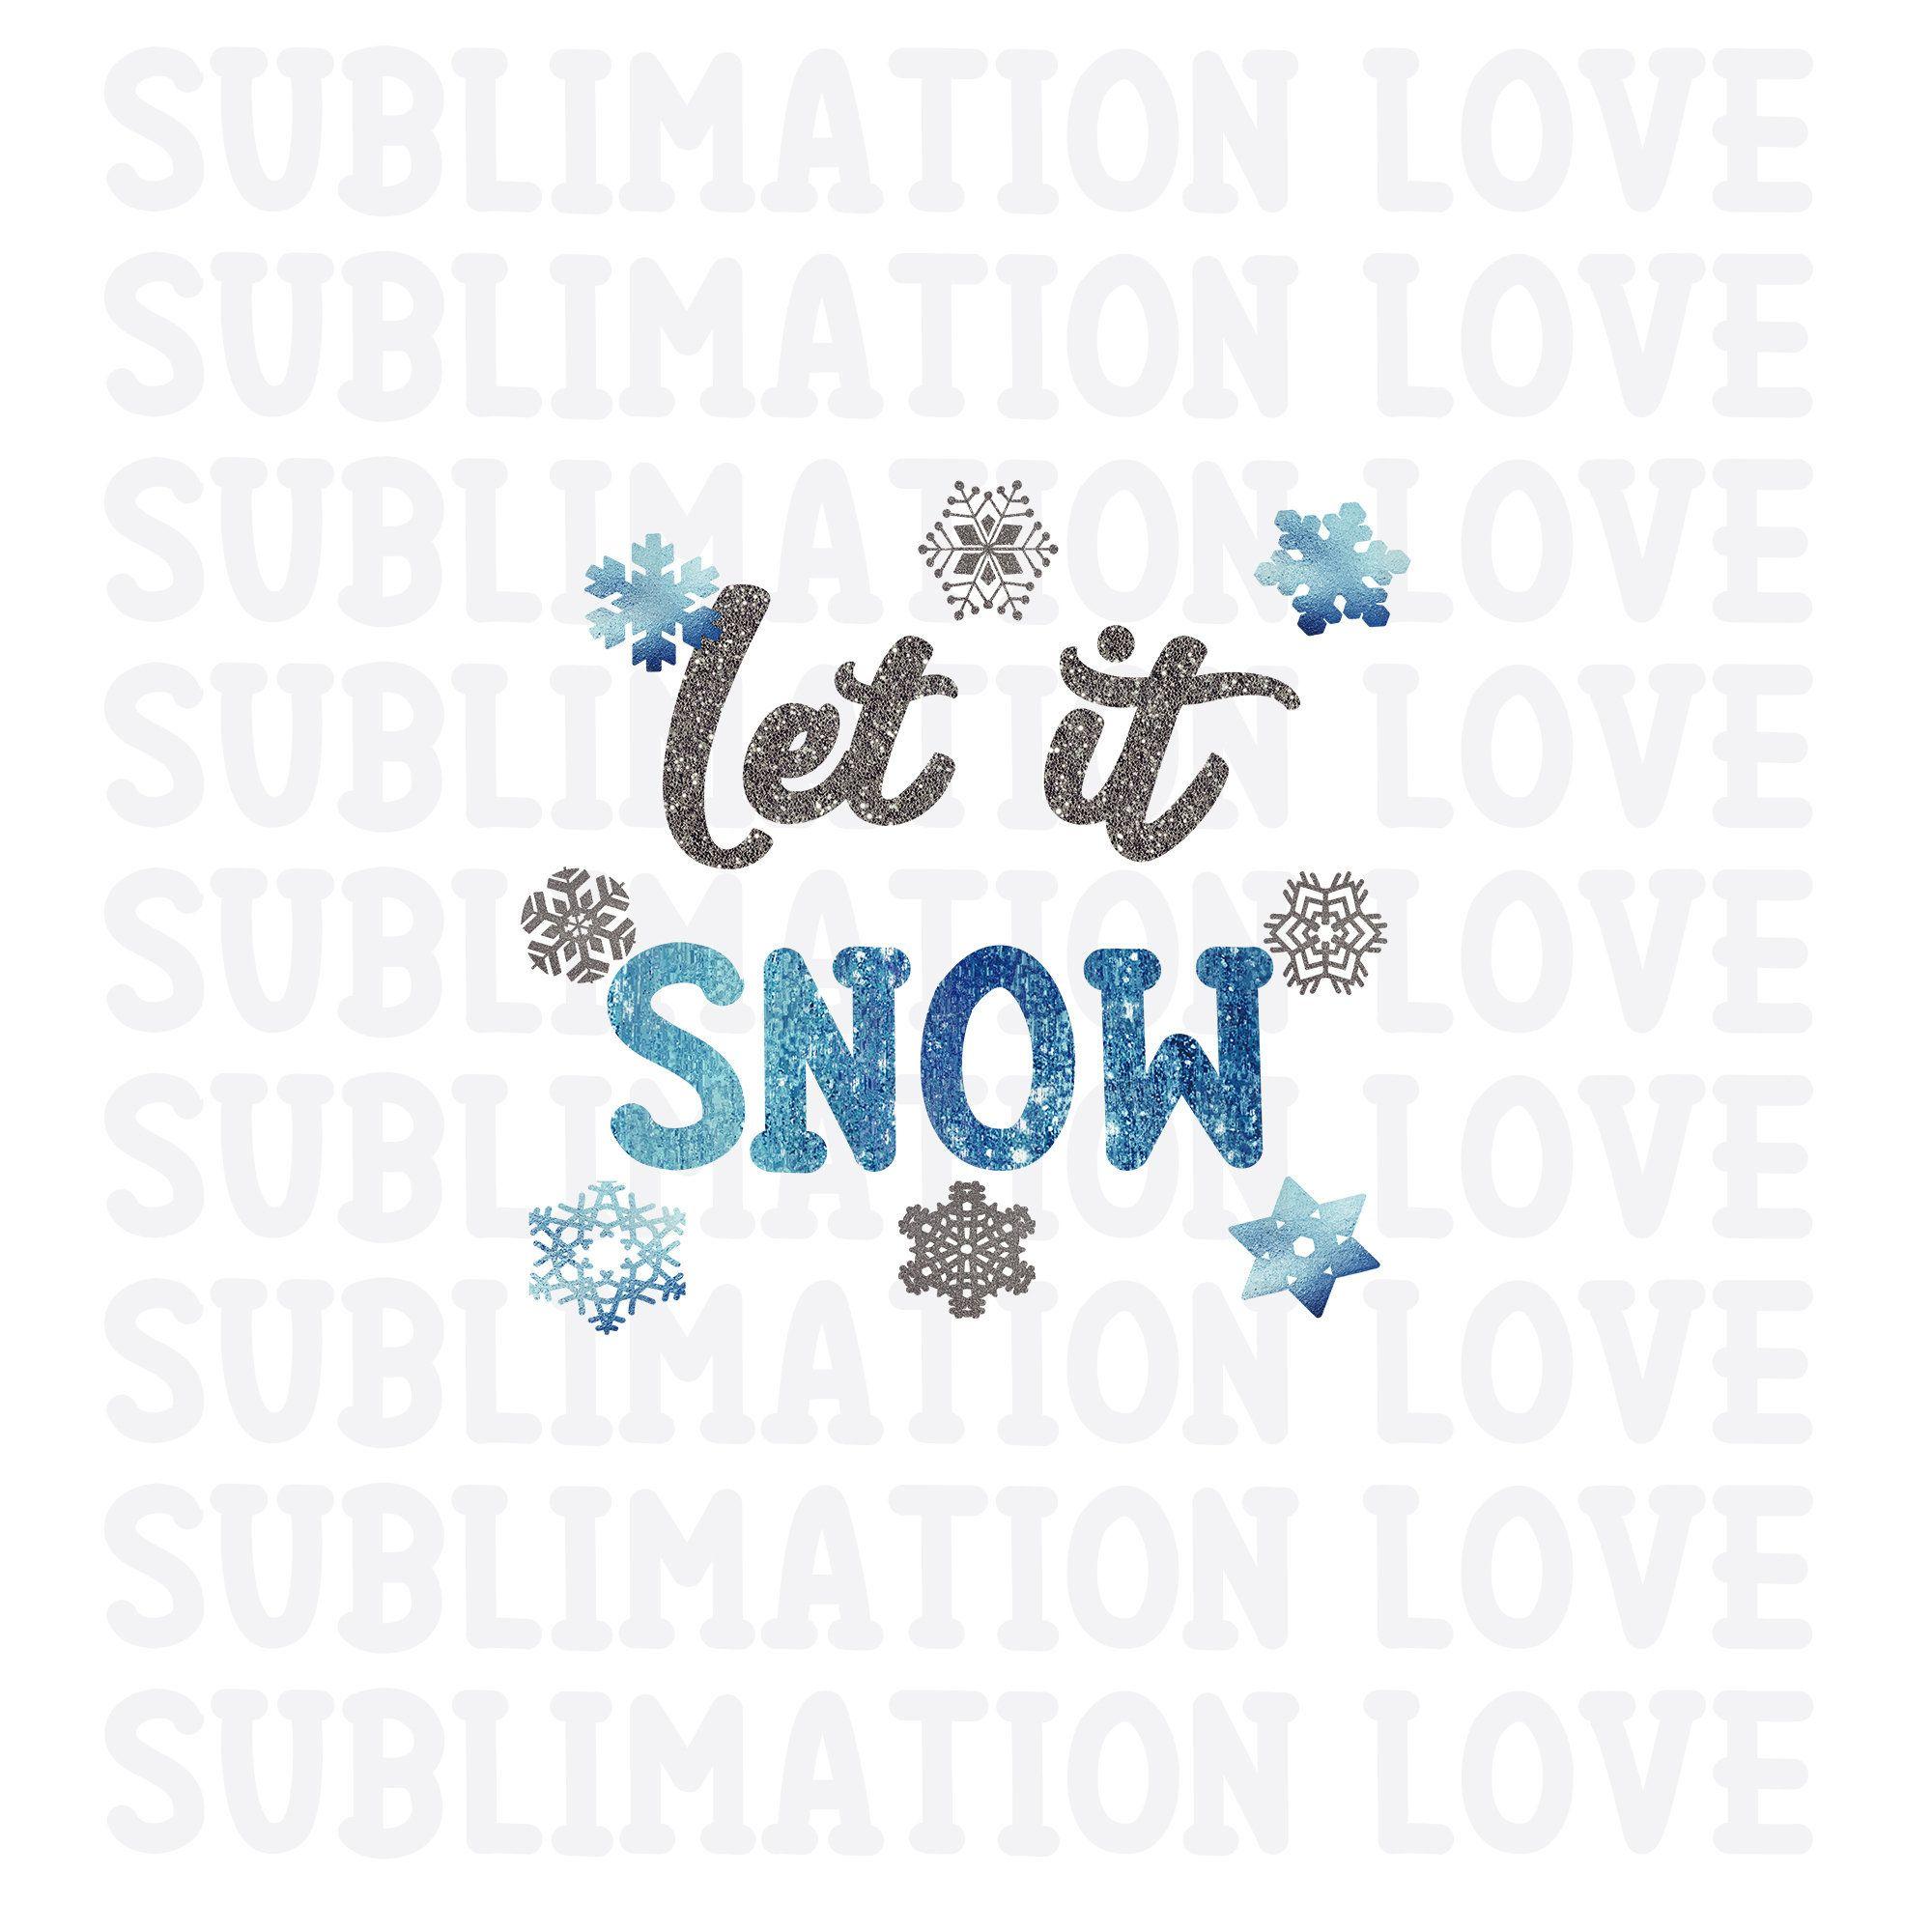 Let It Snow Png Winter Sublimation Designs Downloads Snow Etsy Printable Artwork Clip Art Sublime